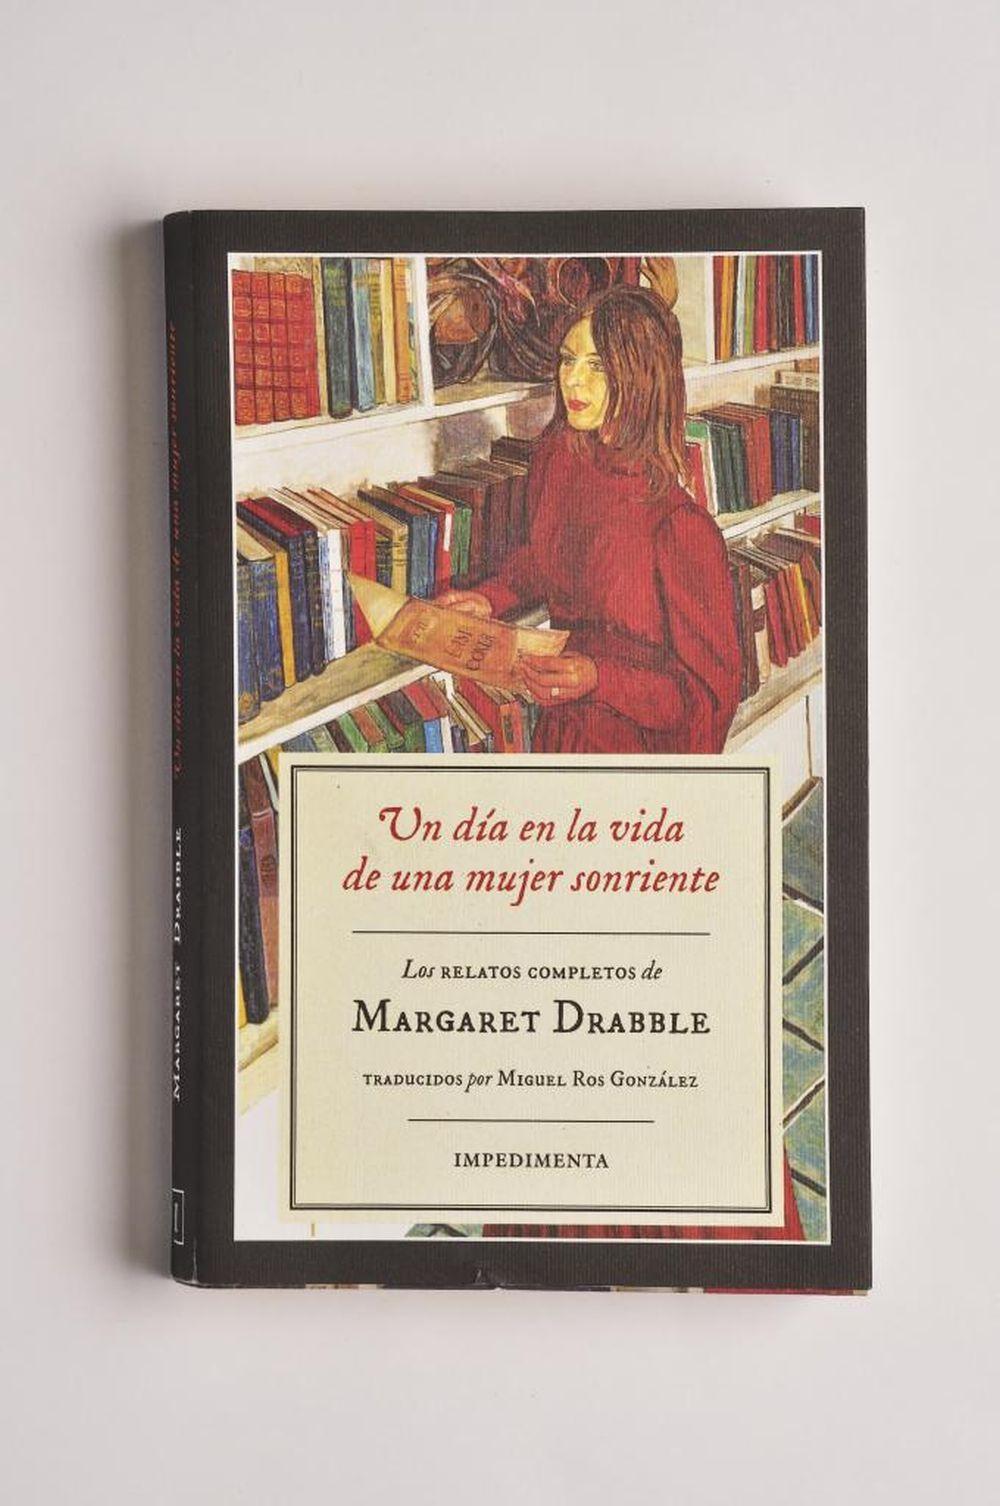 'Un día en la vida de una mujer sonriente', Margaret Drabble